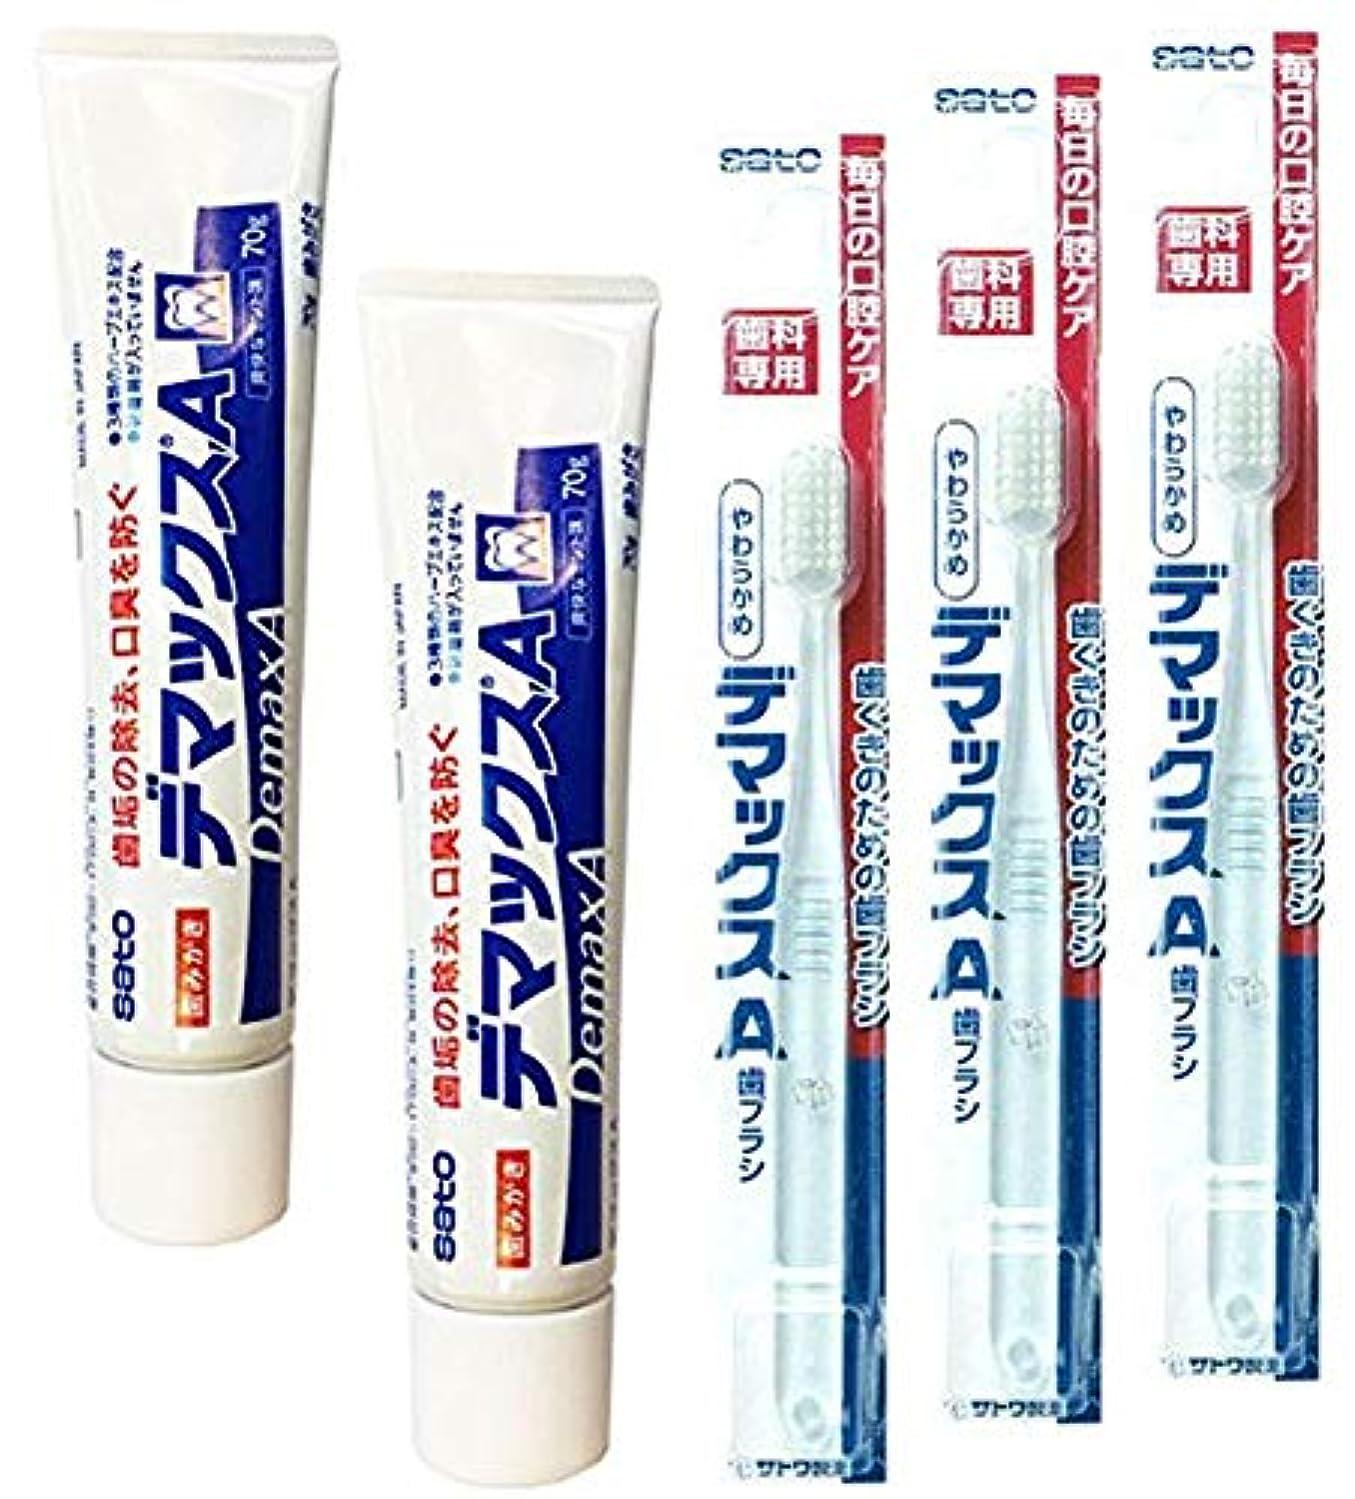 オズワルド夕方メロドラマ佐藤製薬 デマックスA 歯磨き粉(70g) 2個 + デマックスA 歯ブラシ 3本 セット